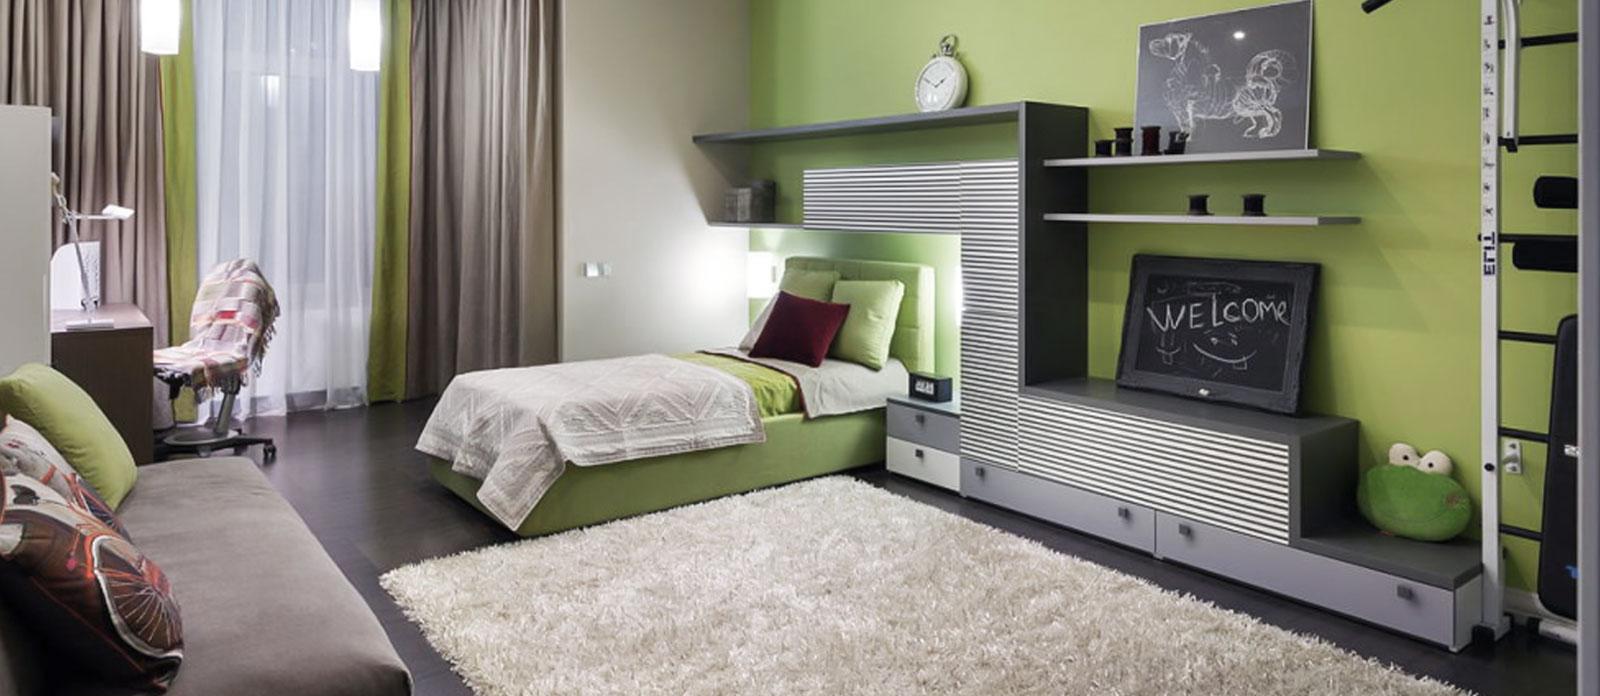 رنگ بژ در دکوراسیون داخلی اتاق خواب